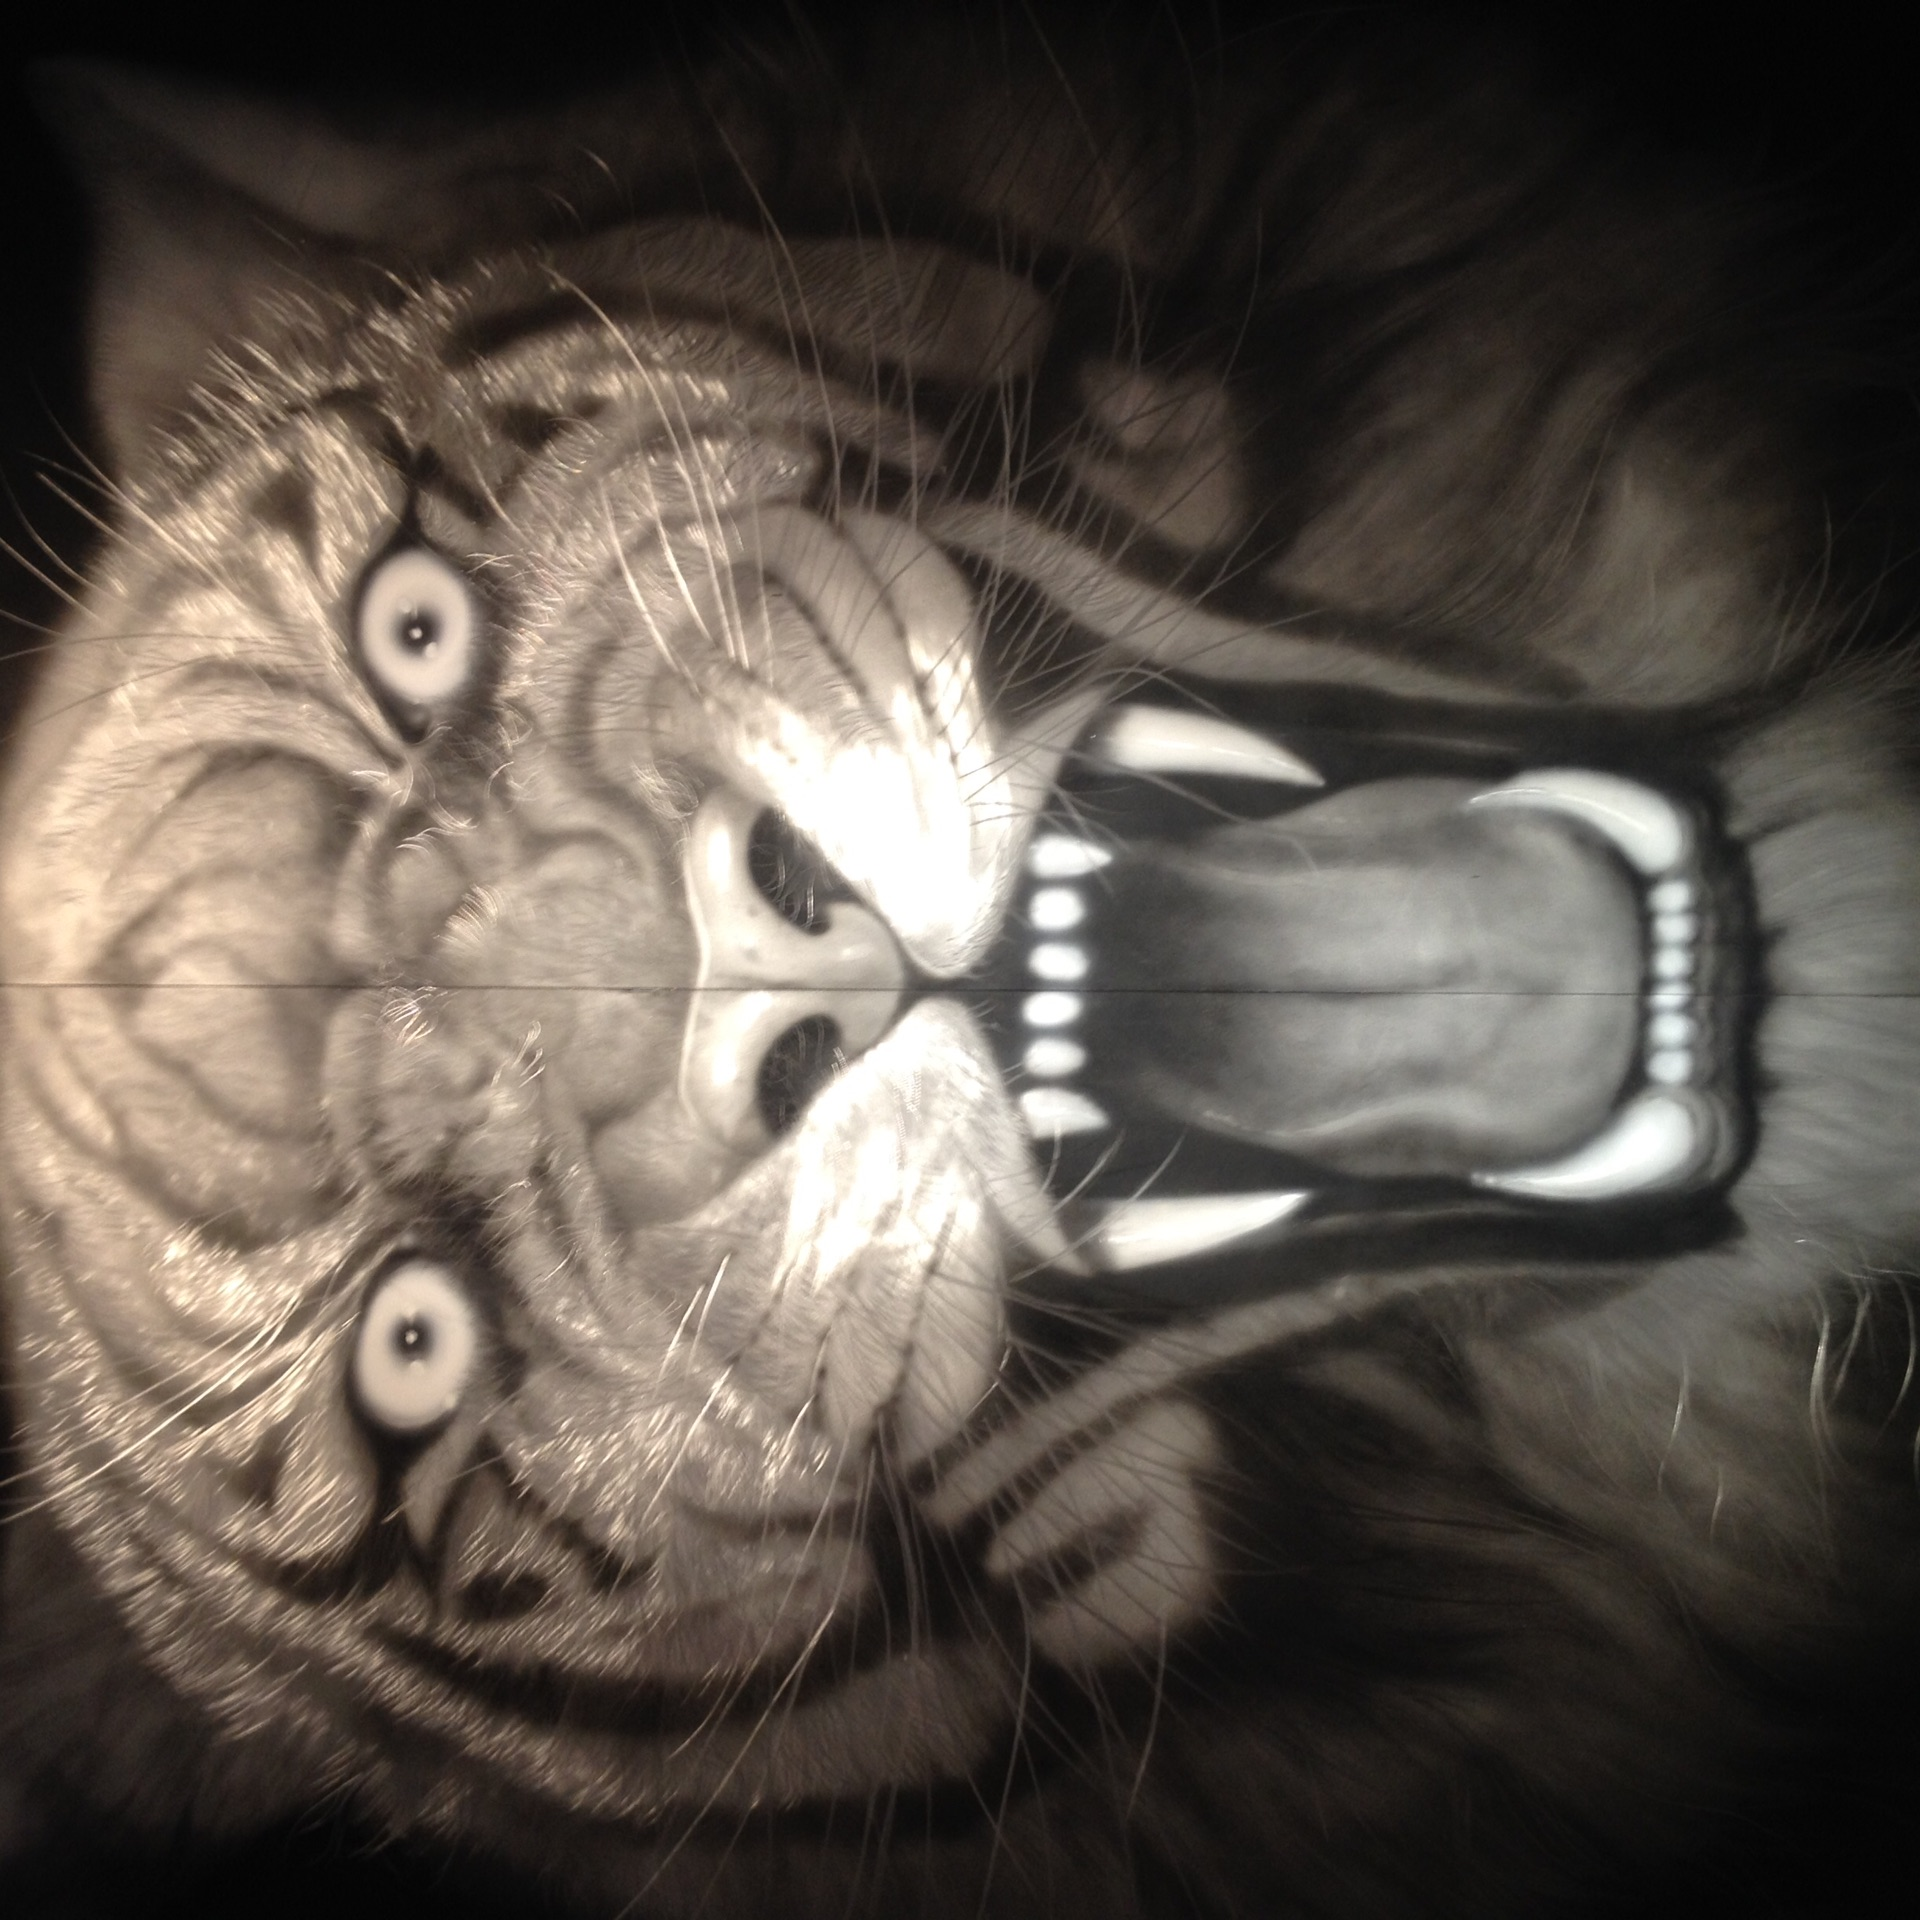 壁纸 动物 猫 猫咪 小猫 桌面 1920_1920